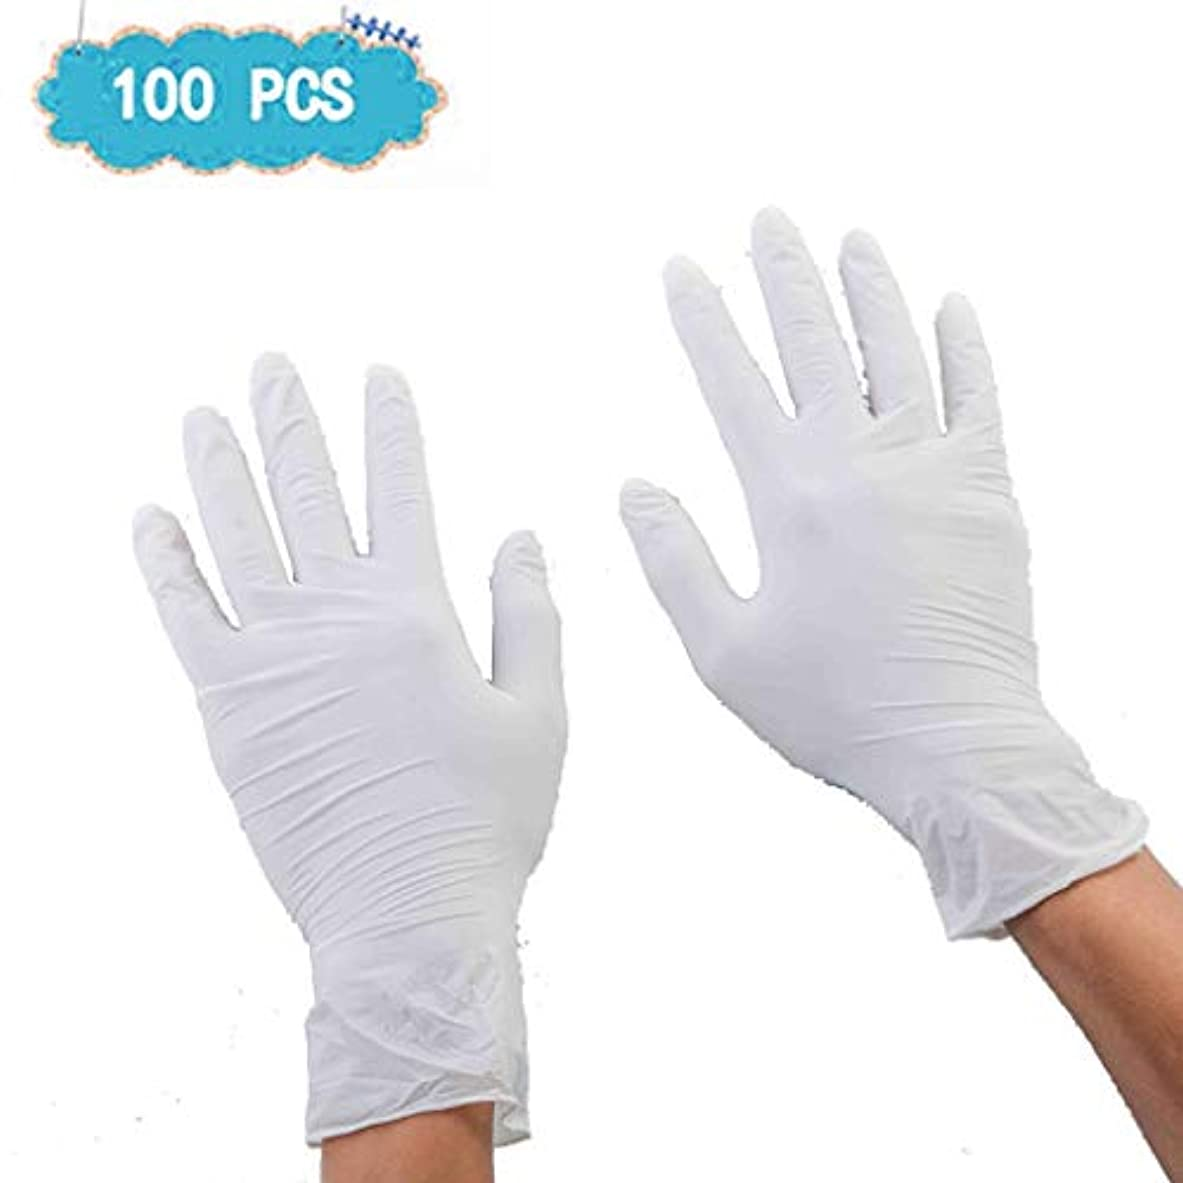 ニトリル手袋、12インチ厚ゴム手袋白い手袋食品加工医療ペットケアネイルアート検査保護実験、美容サロンラテックスフリー、、 100個 (Size : L)